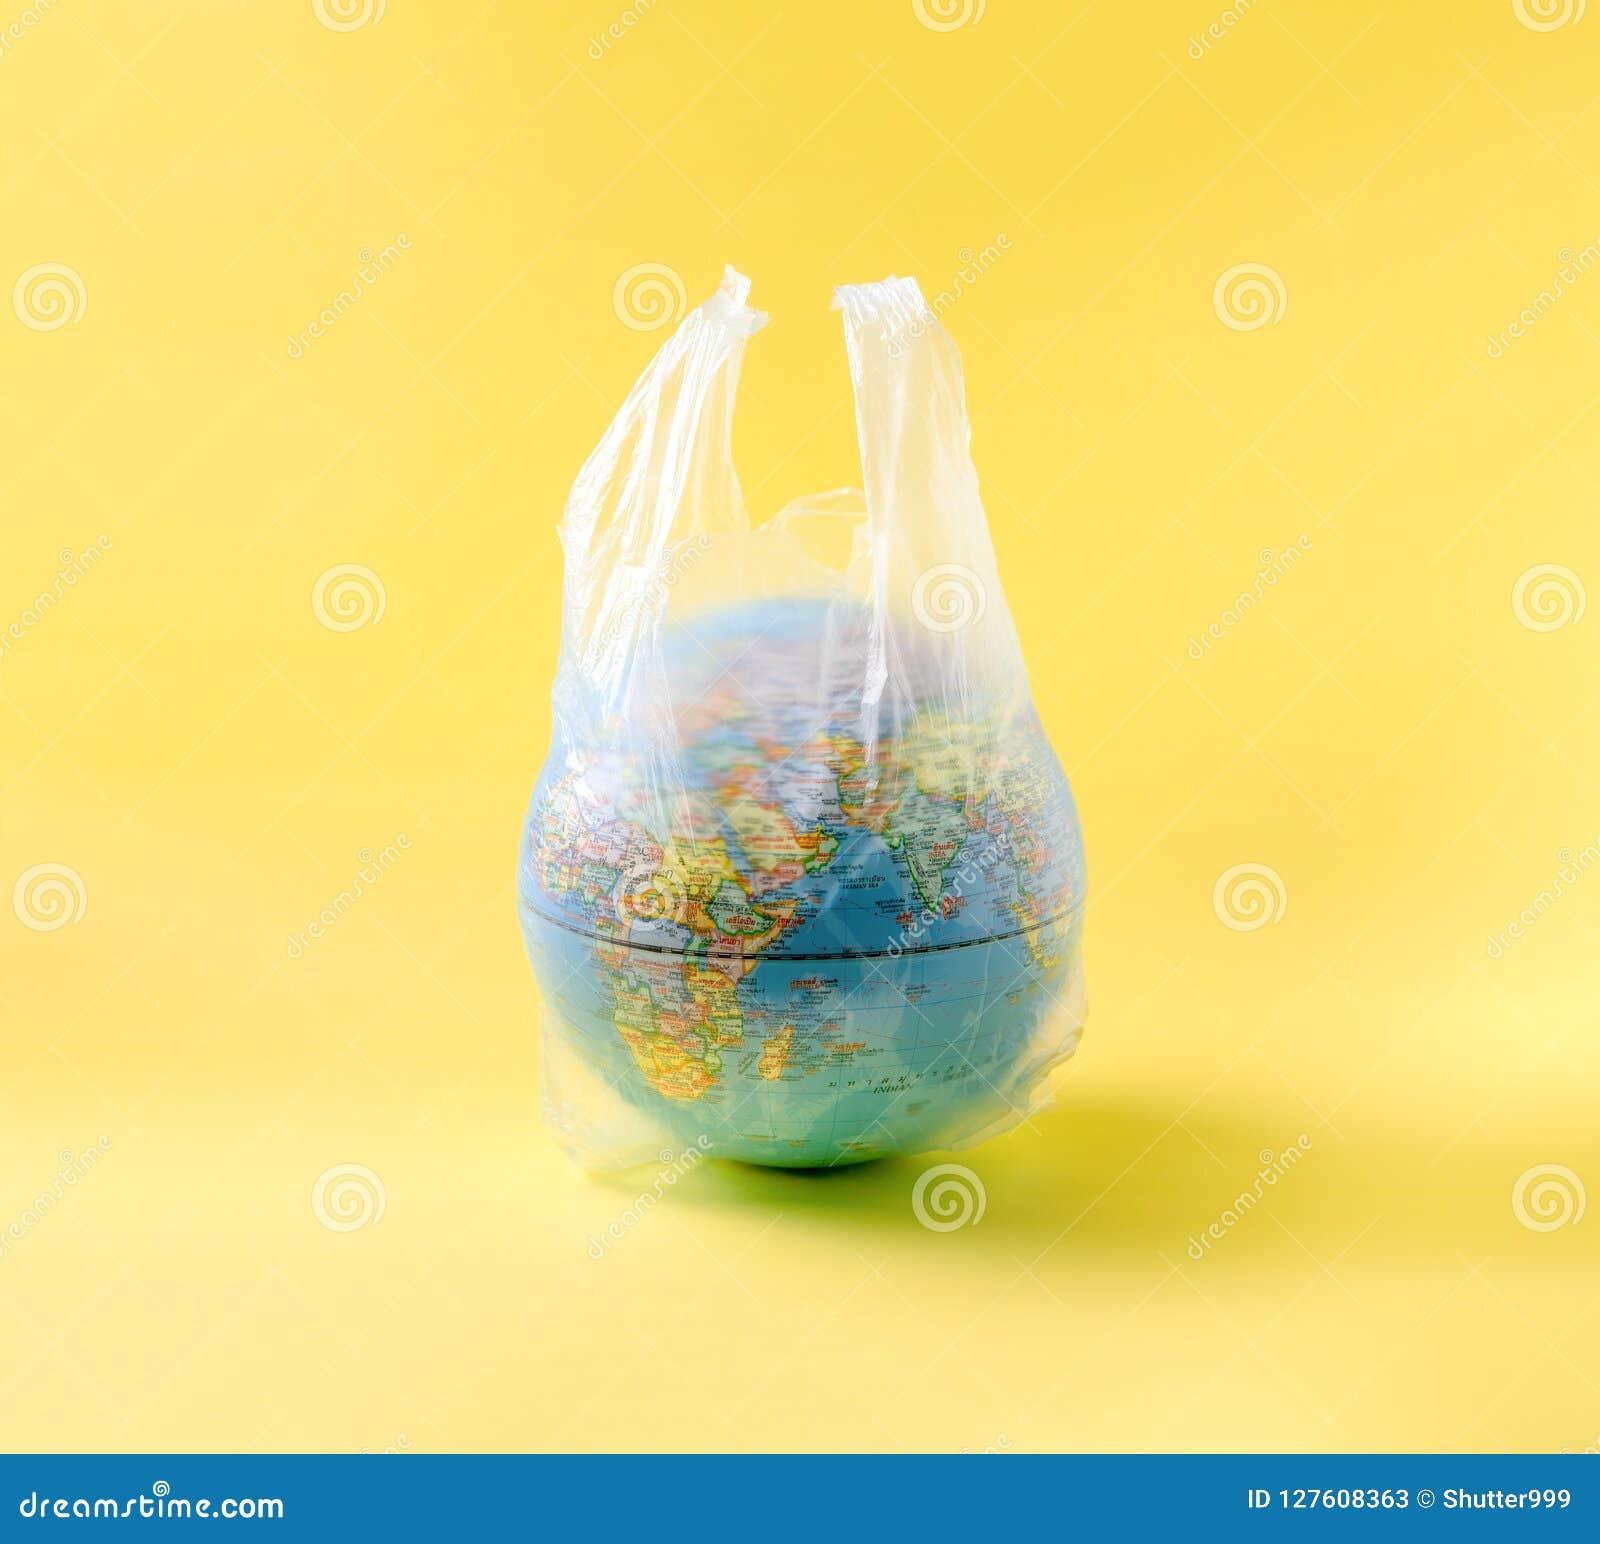 在塑料袋的地球模型,拯救世界